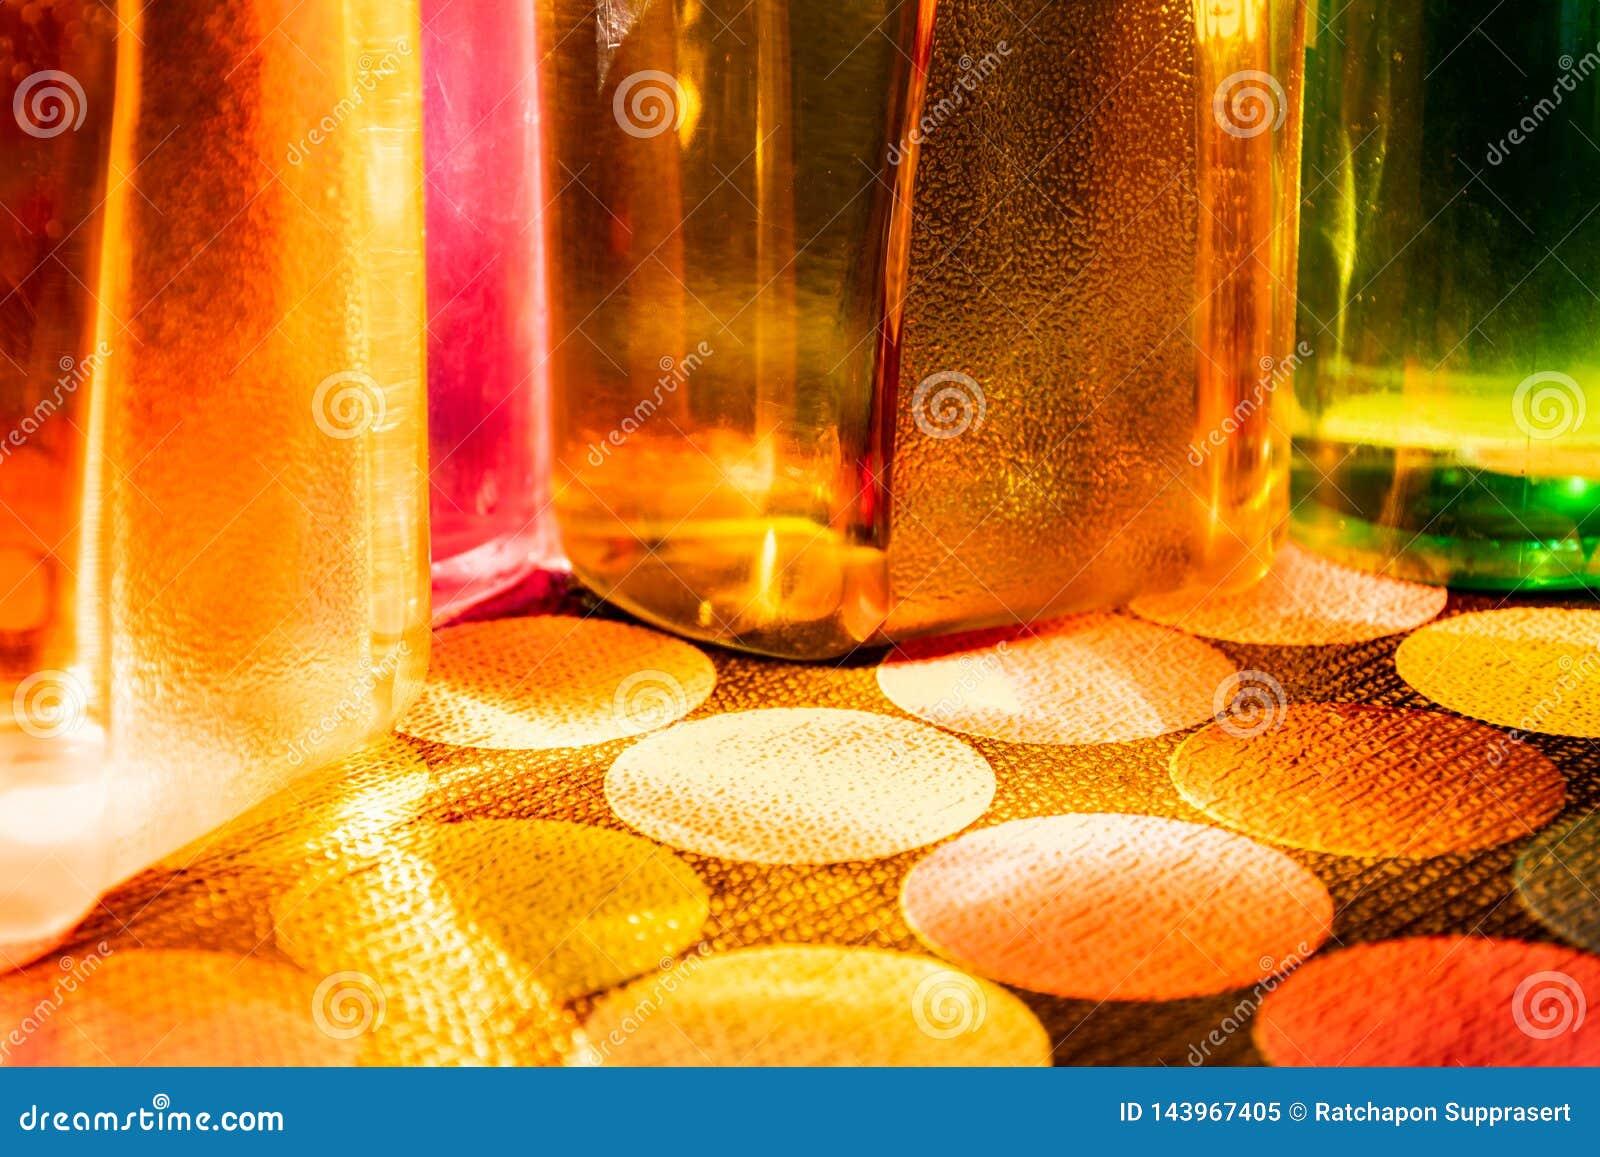 Botella de agua colorida